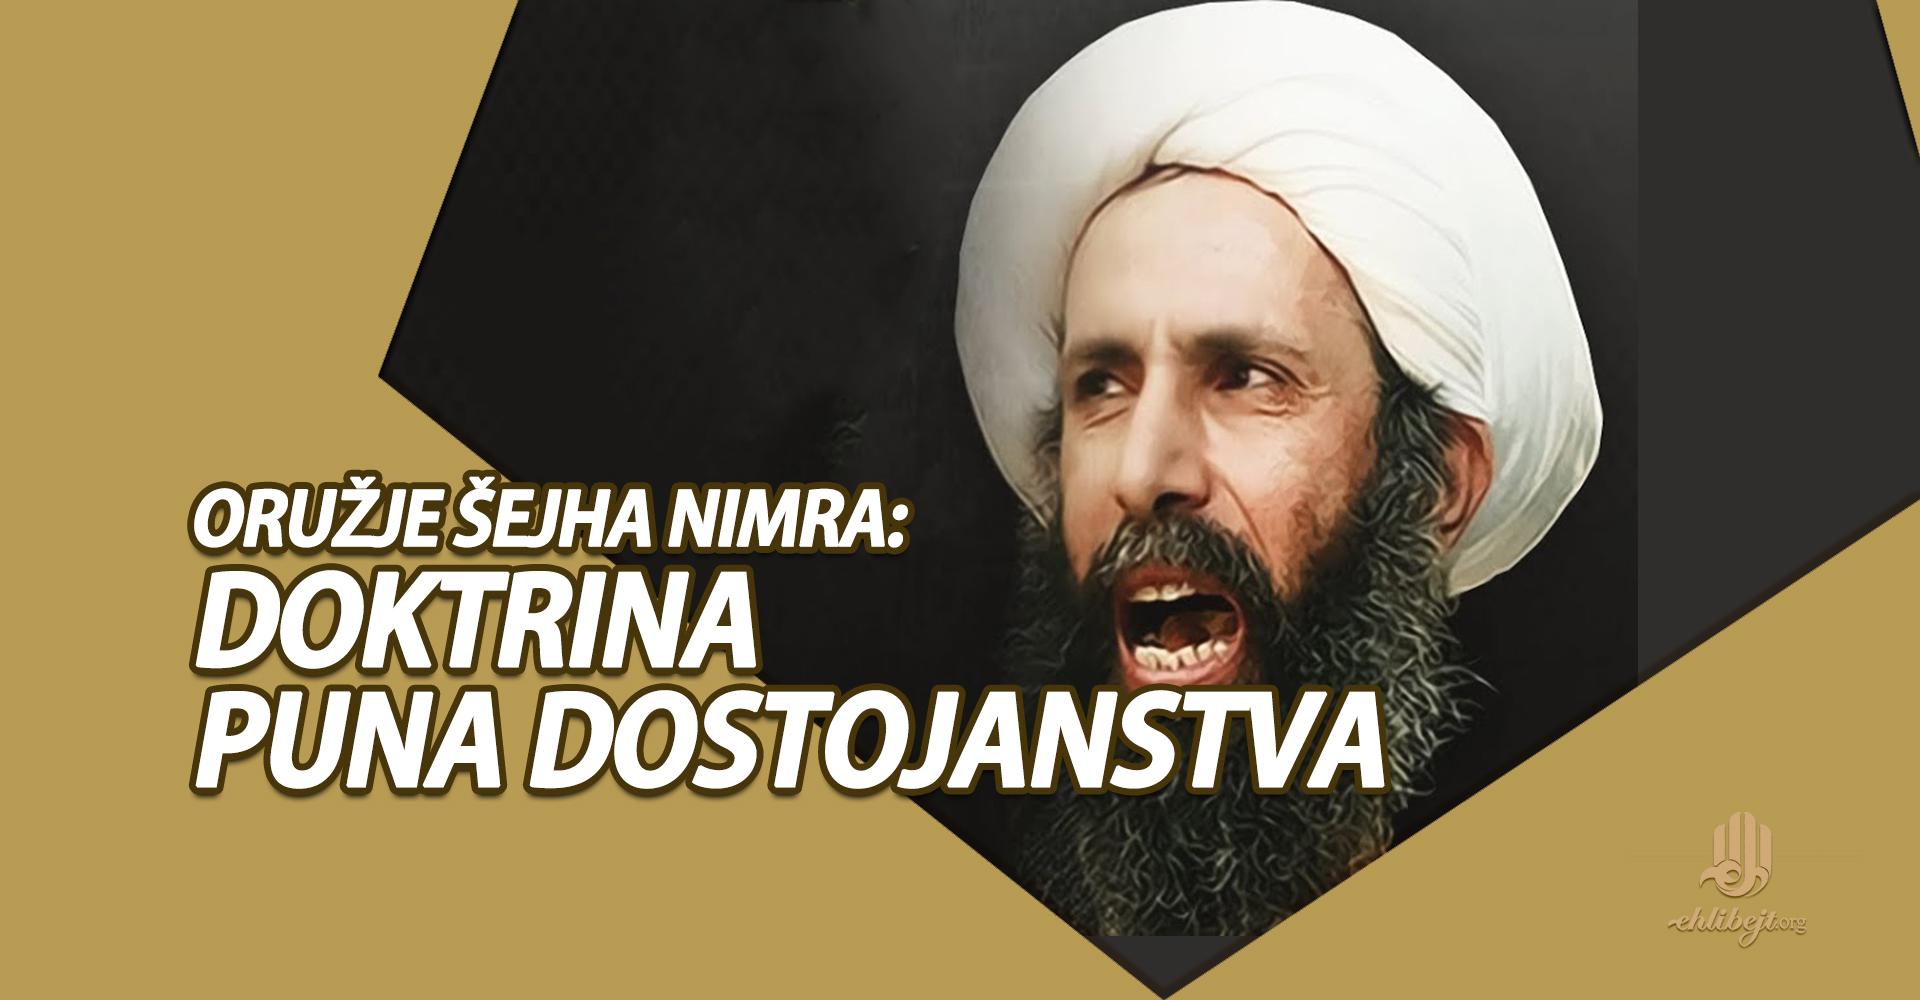 Oružje šejha Nimra: doktrina puna dostojanstva